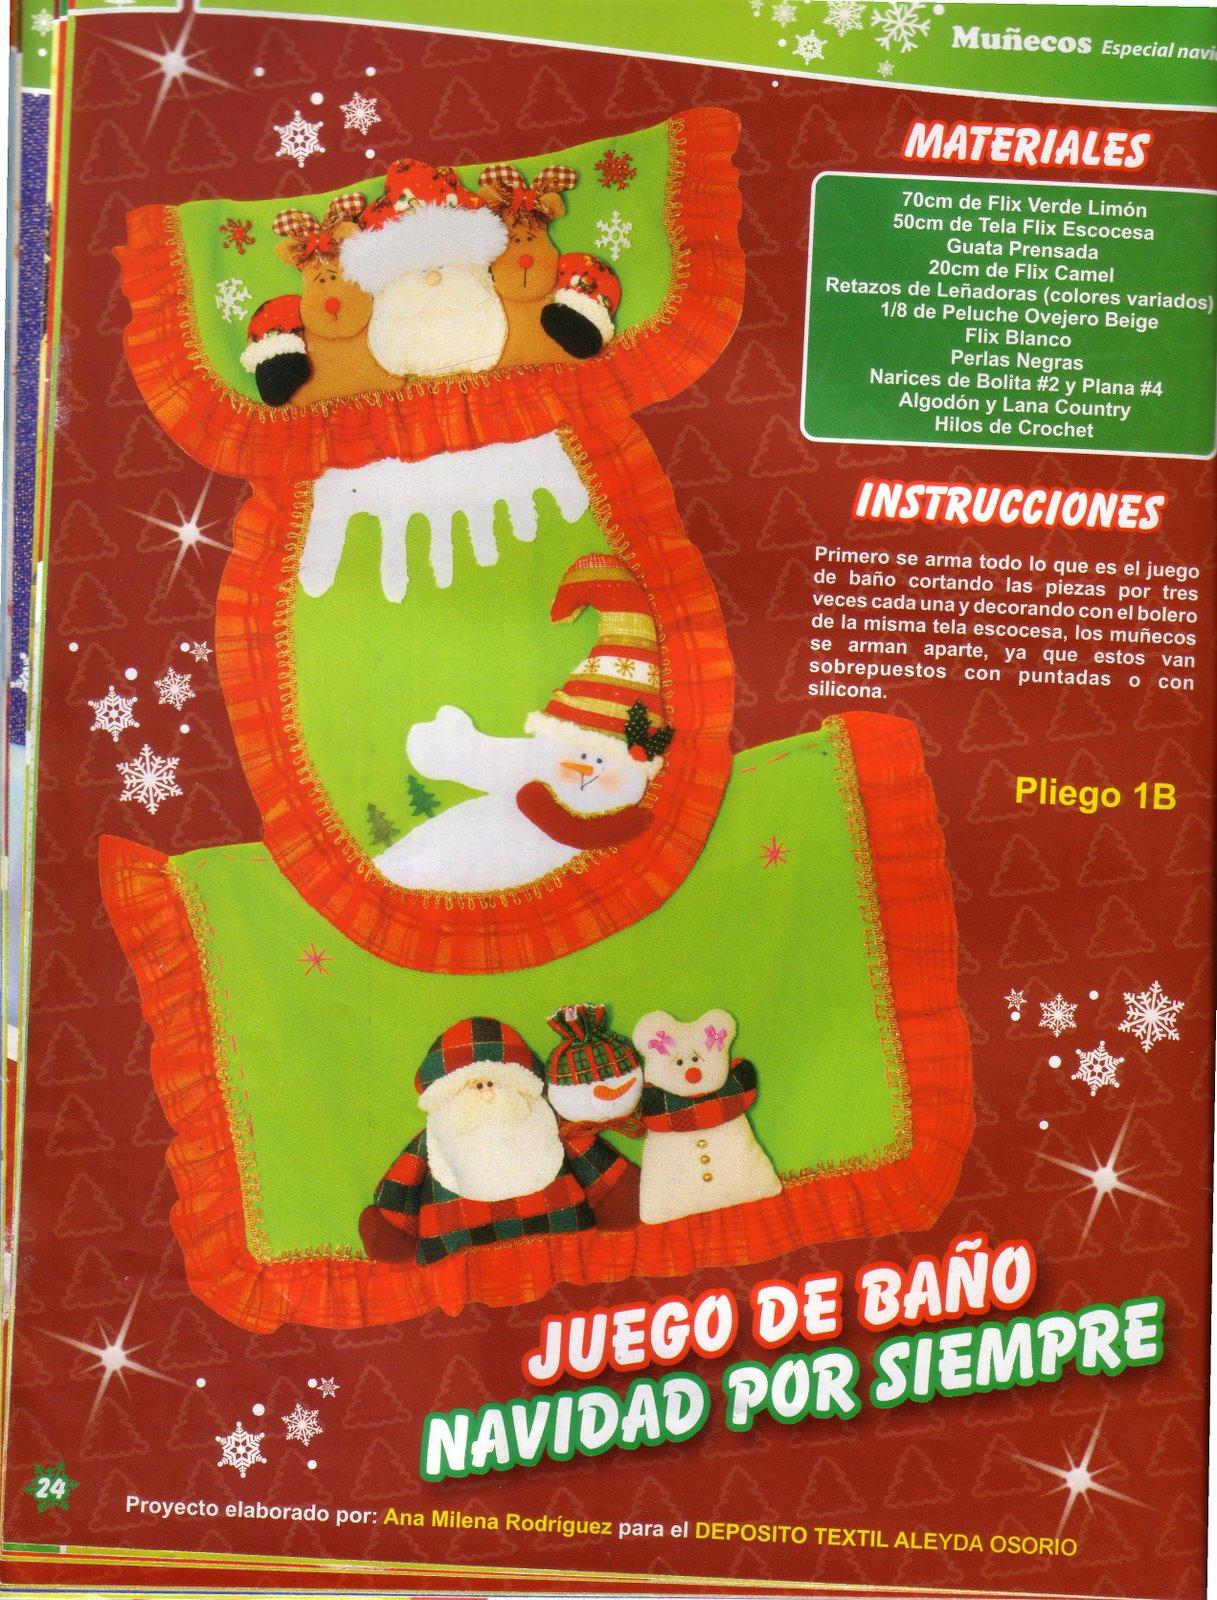 Juegos De Baño De Navidad:Como hacer Manualidades para Navidad: Juego de baño para Navidad con